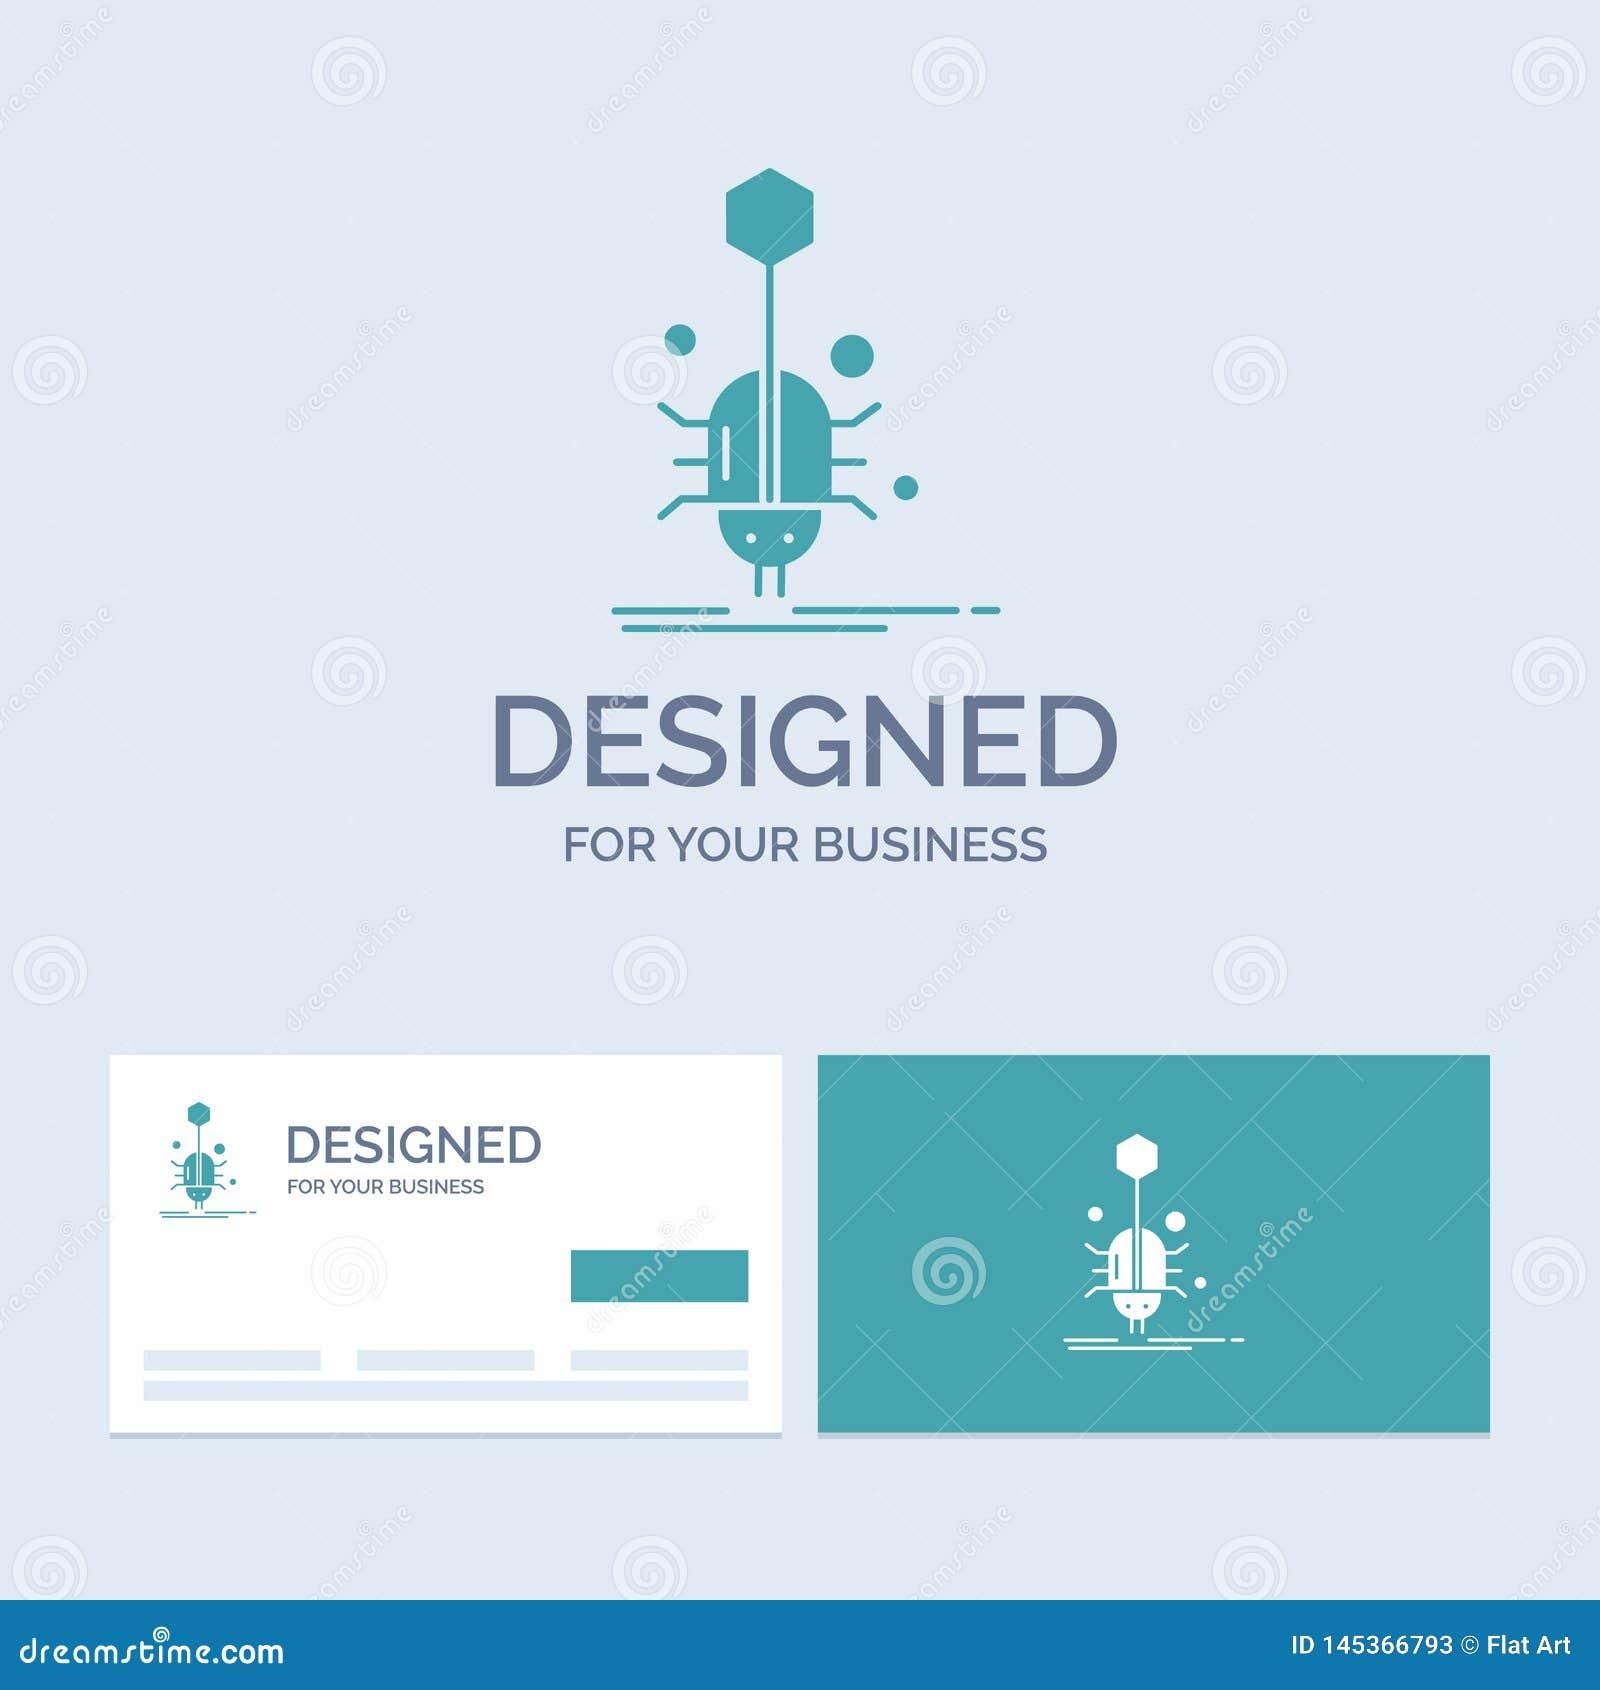 Wanze, Insekt, Spinne, Virus, Netz Geschäft Logo Glyph Icon Symbol für Ihr Geschäft T?rkis-Visitenkarten mit Markenlogo